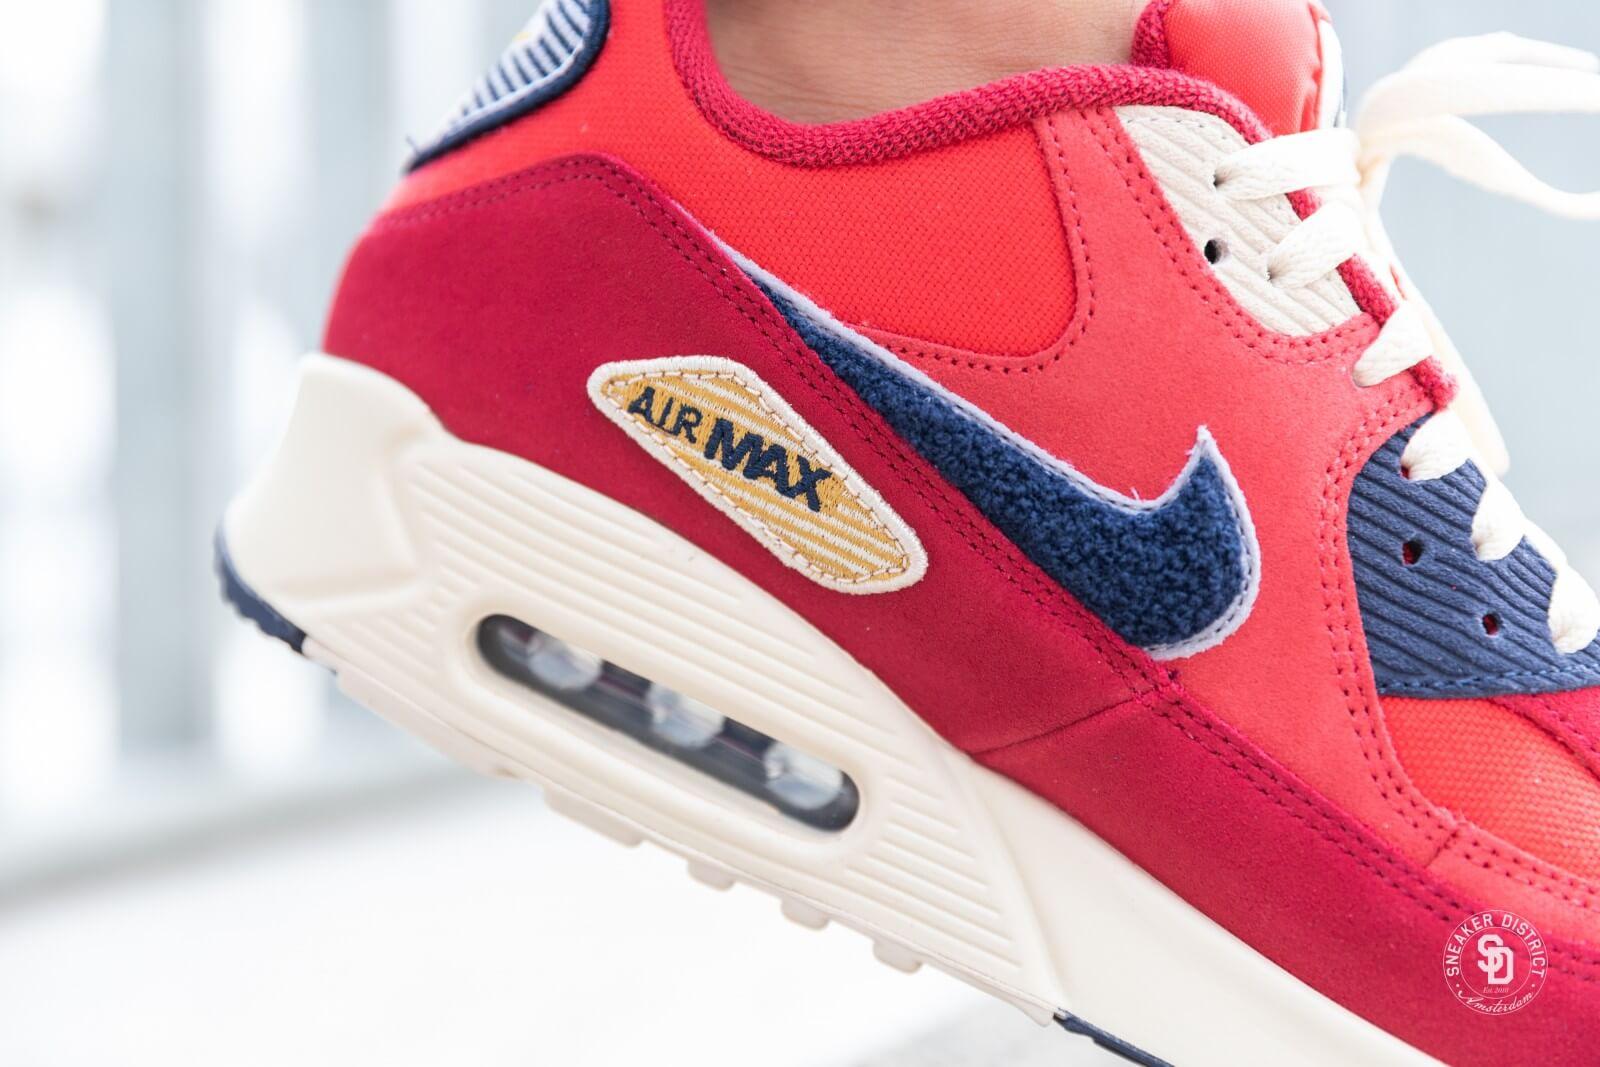 Nike Air Max 90 Premium SE University RedProvence Purple 858954 600